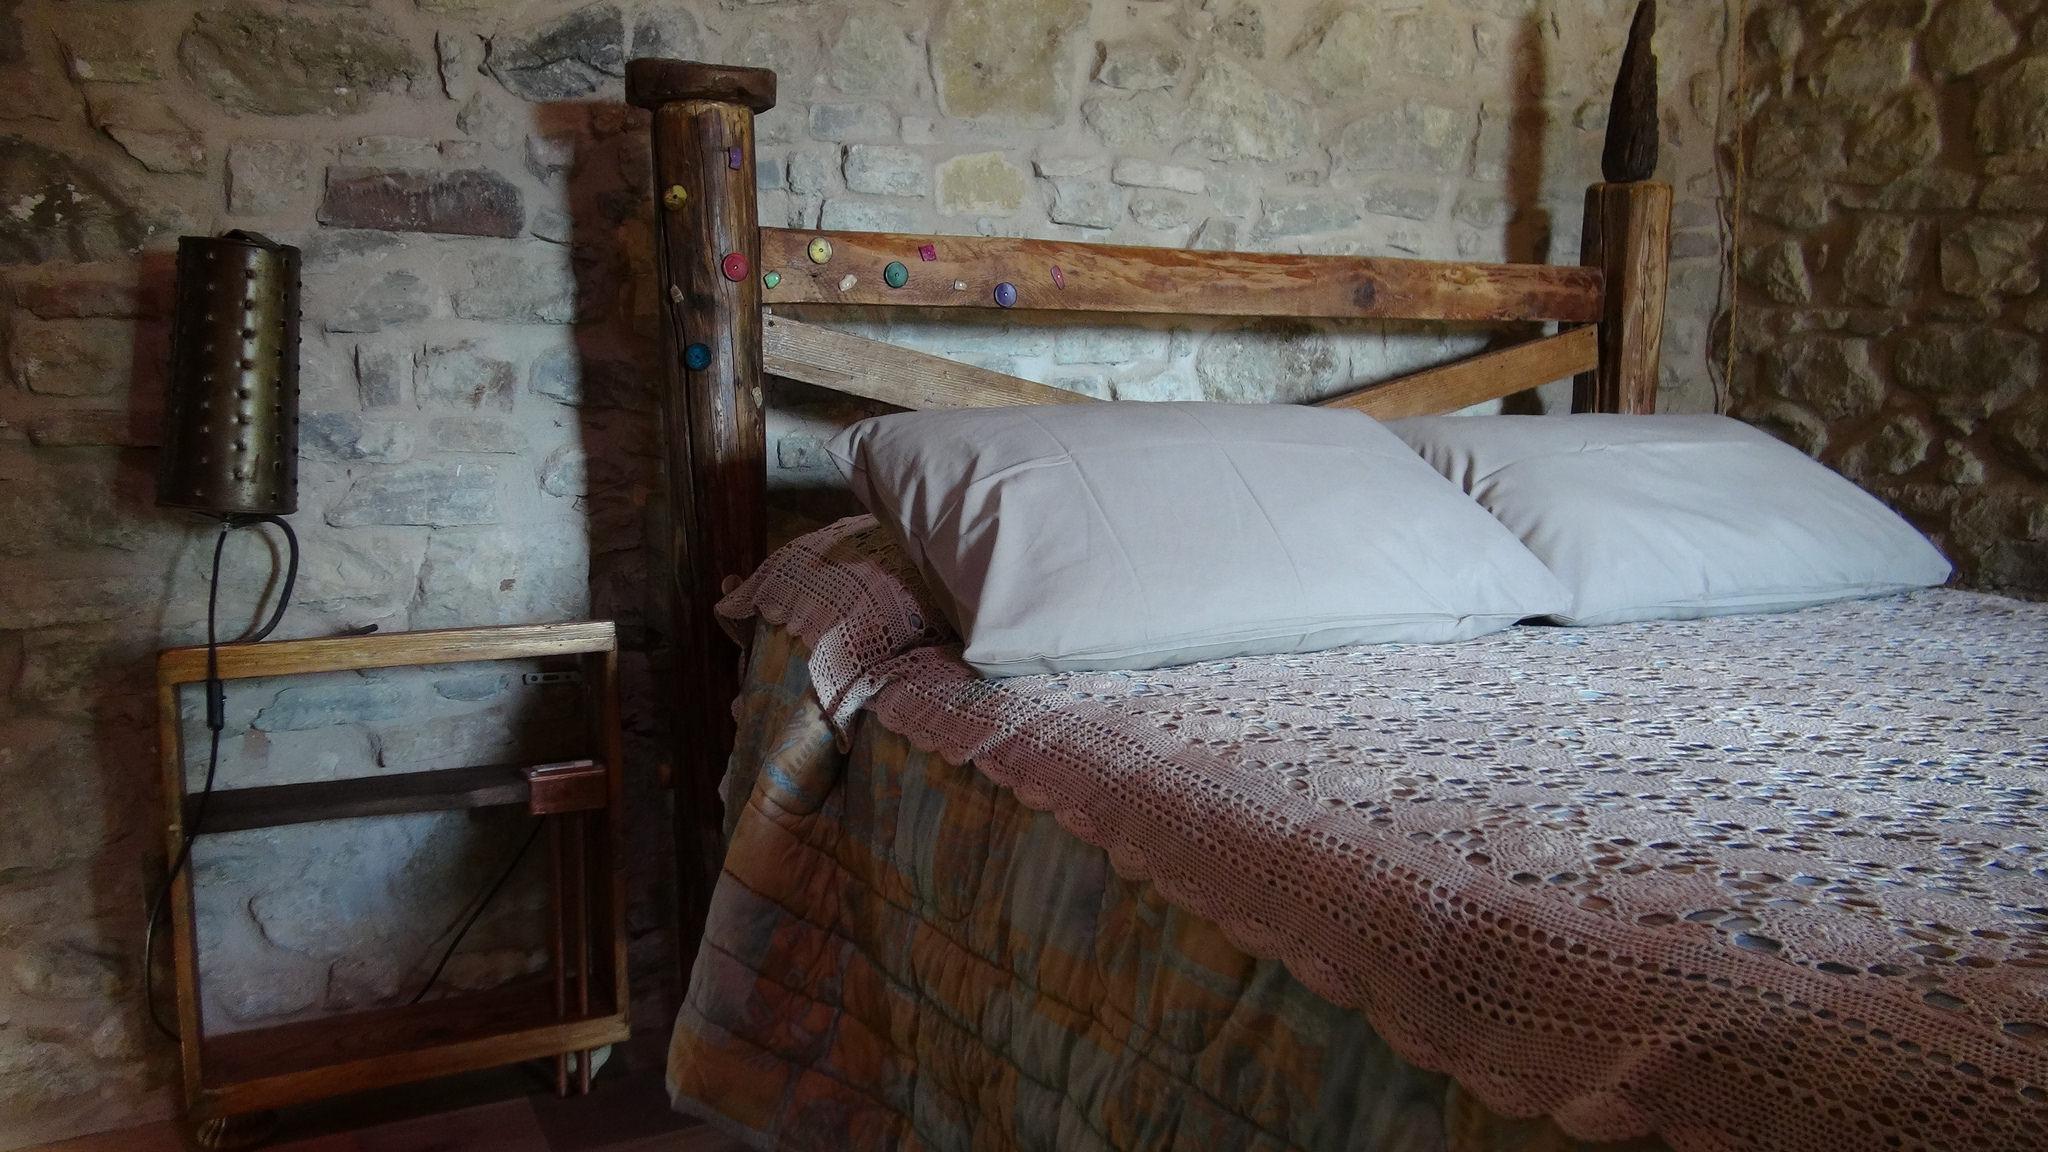 Vacanze in una casa di paglia in Emilia Romagna